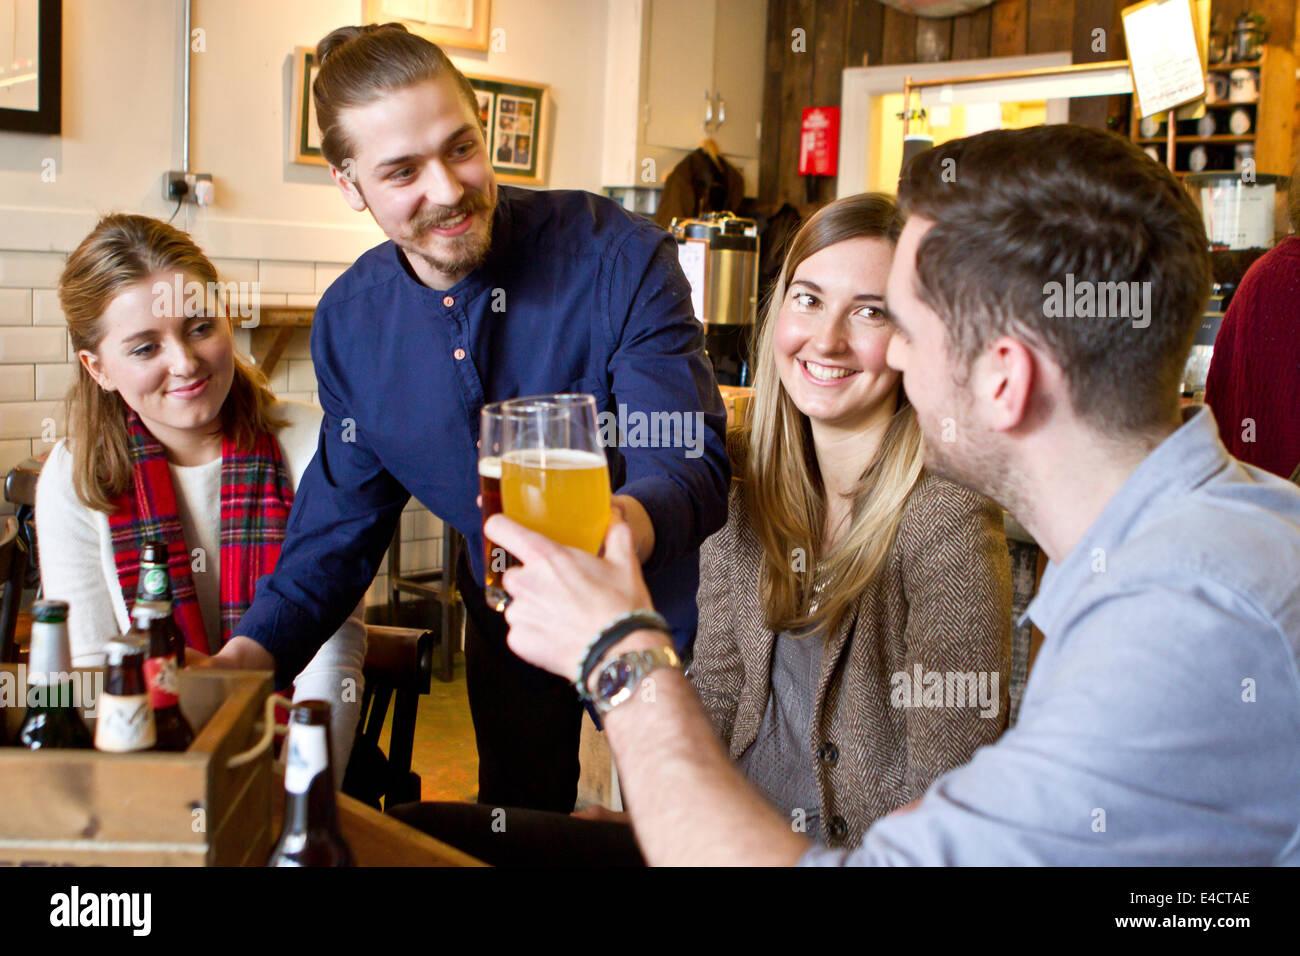 Young Men toasting avec de la bière dans un pub, Bournemouth, Dorset, Angleterre Photo Stock